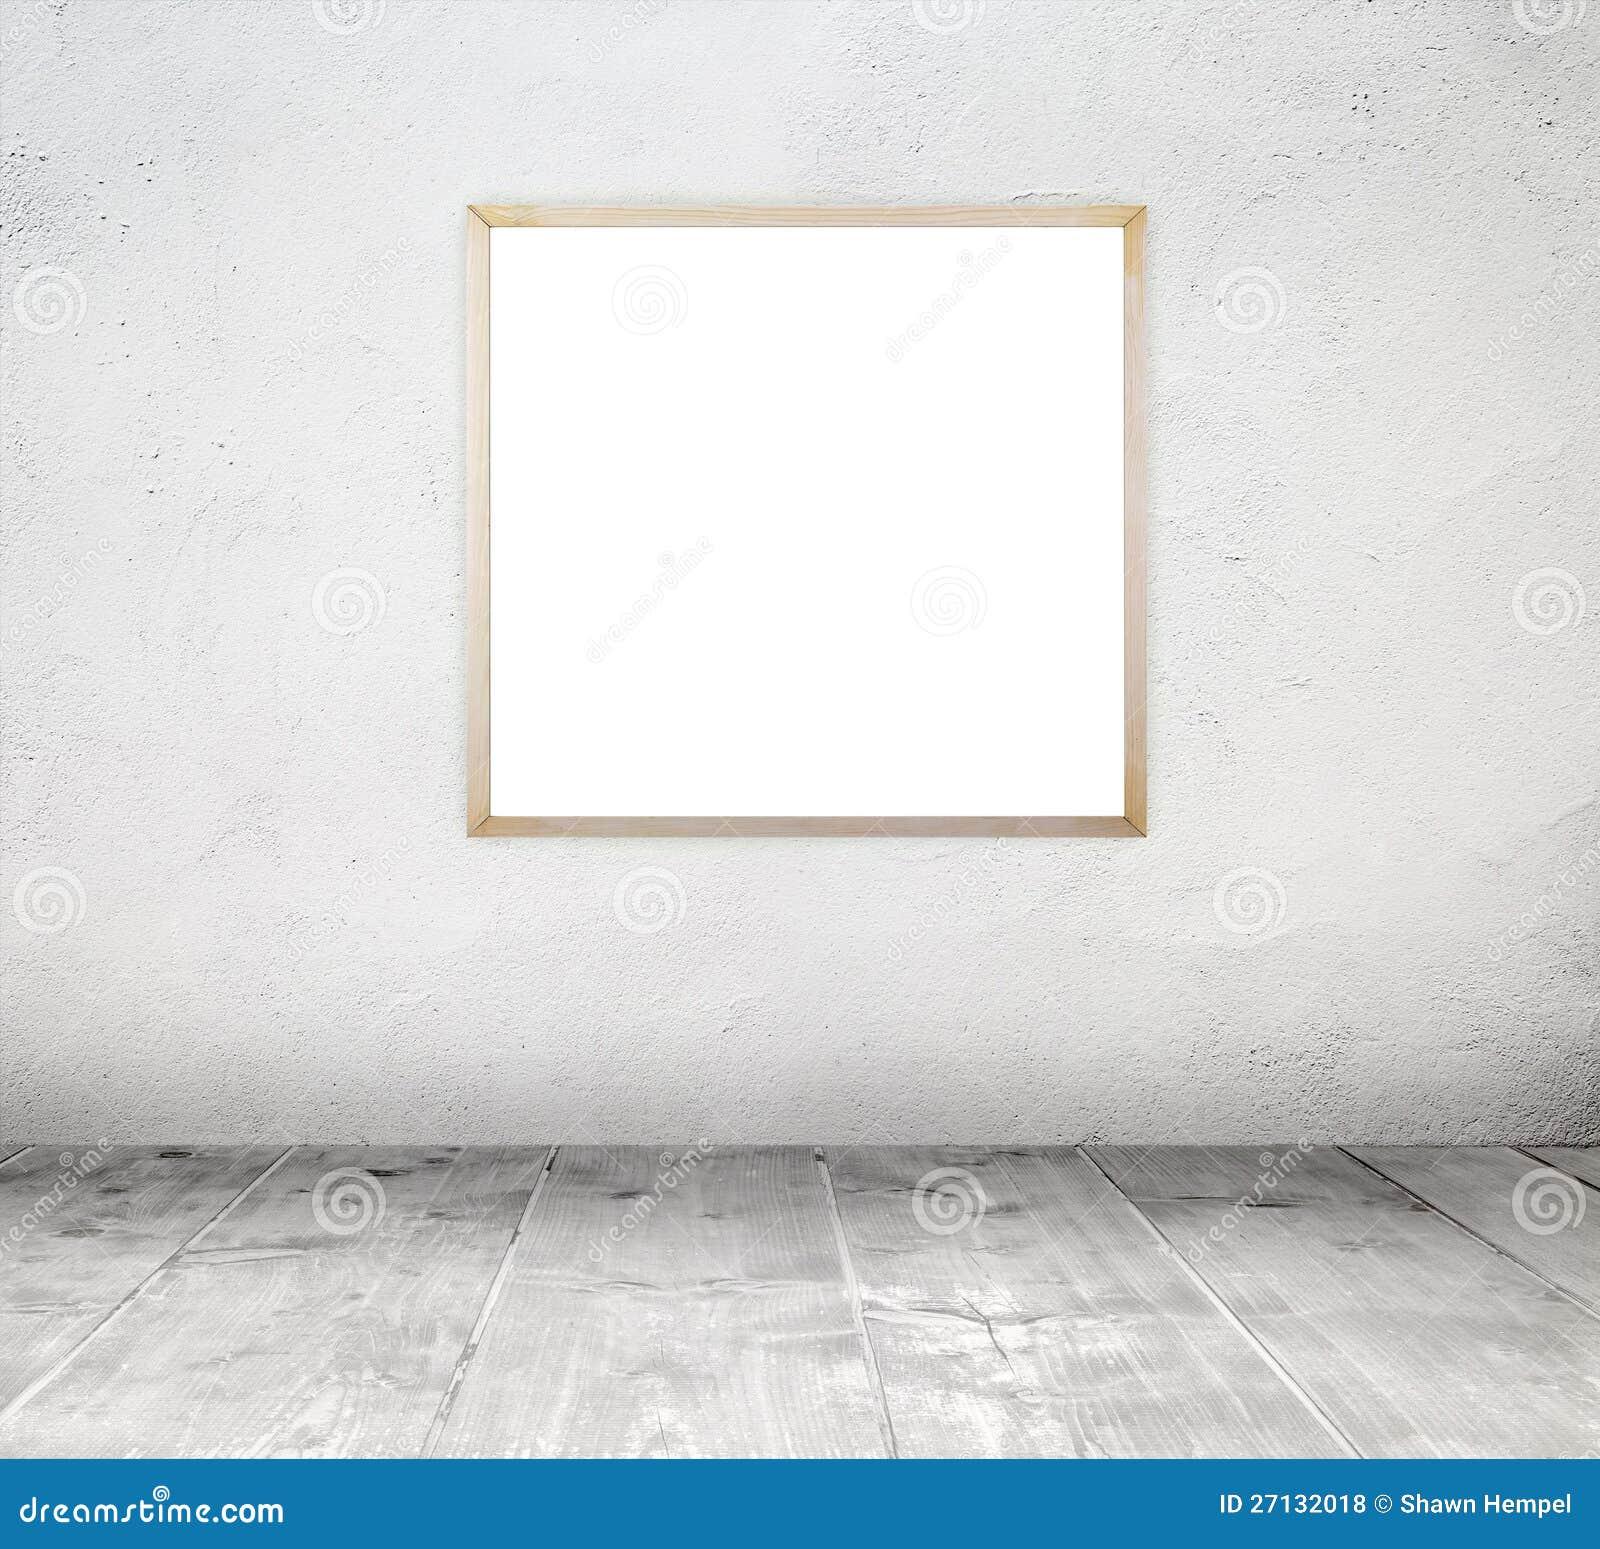 concrete empty frame grunge interior